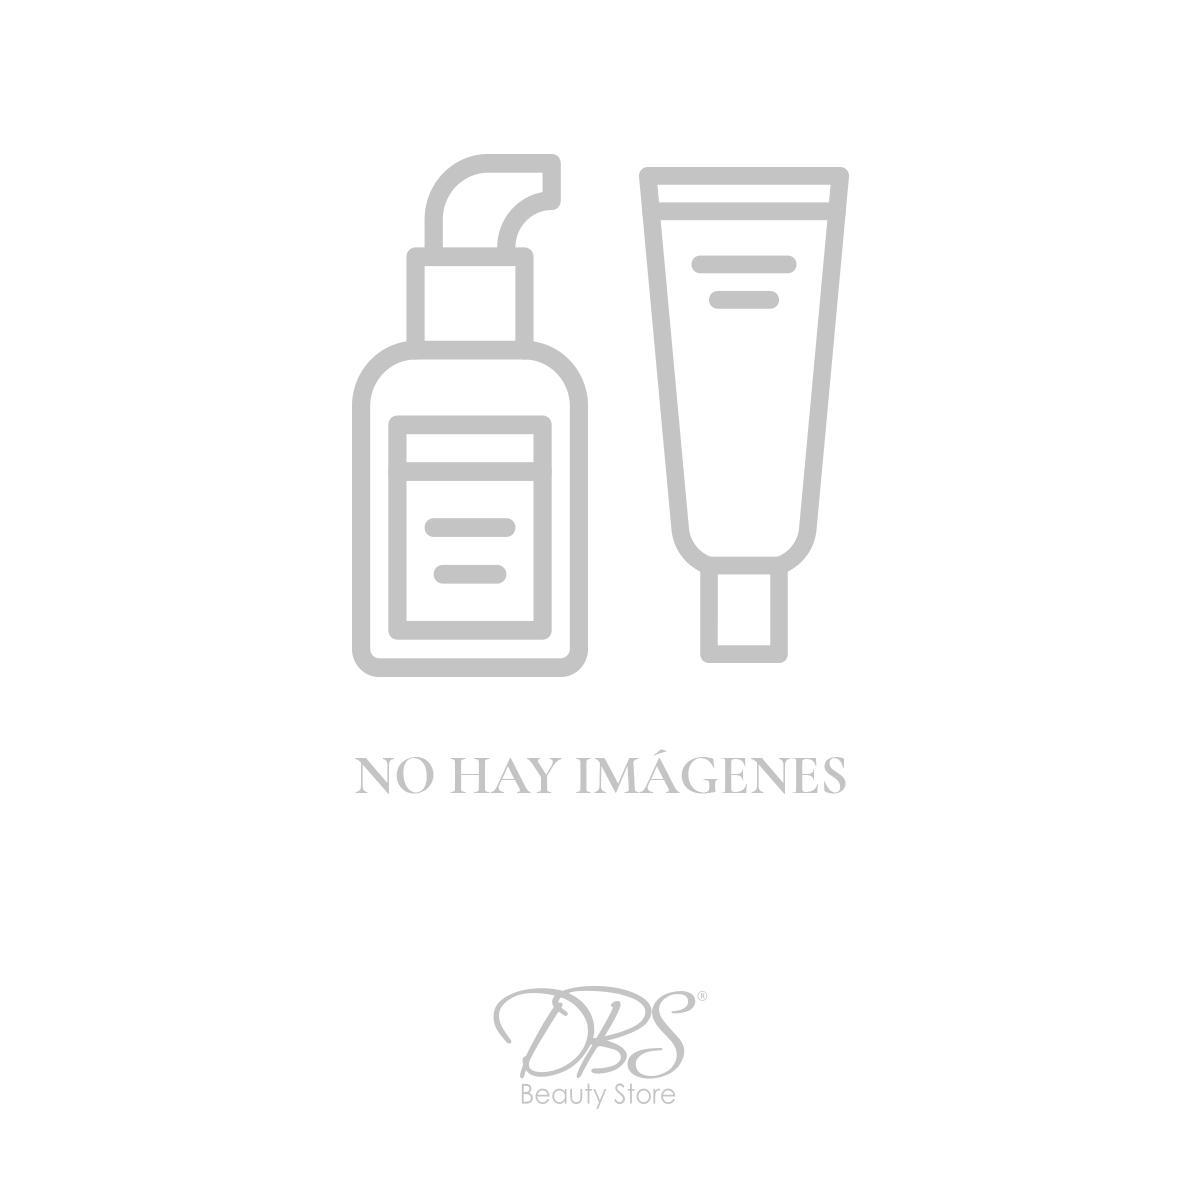 dbs-cosmetics-DBS-SCH1027-MP.jpg